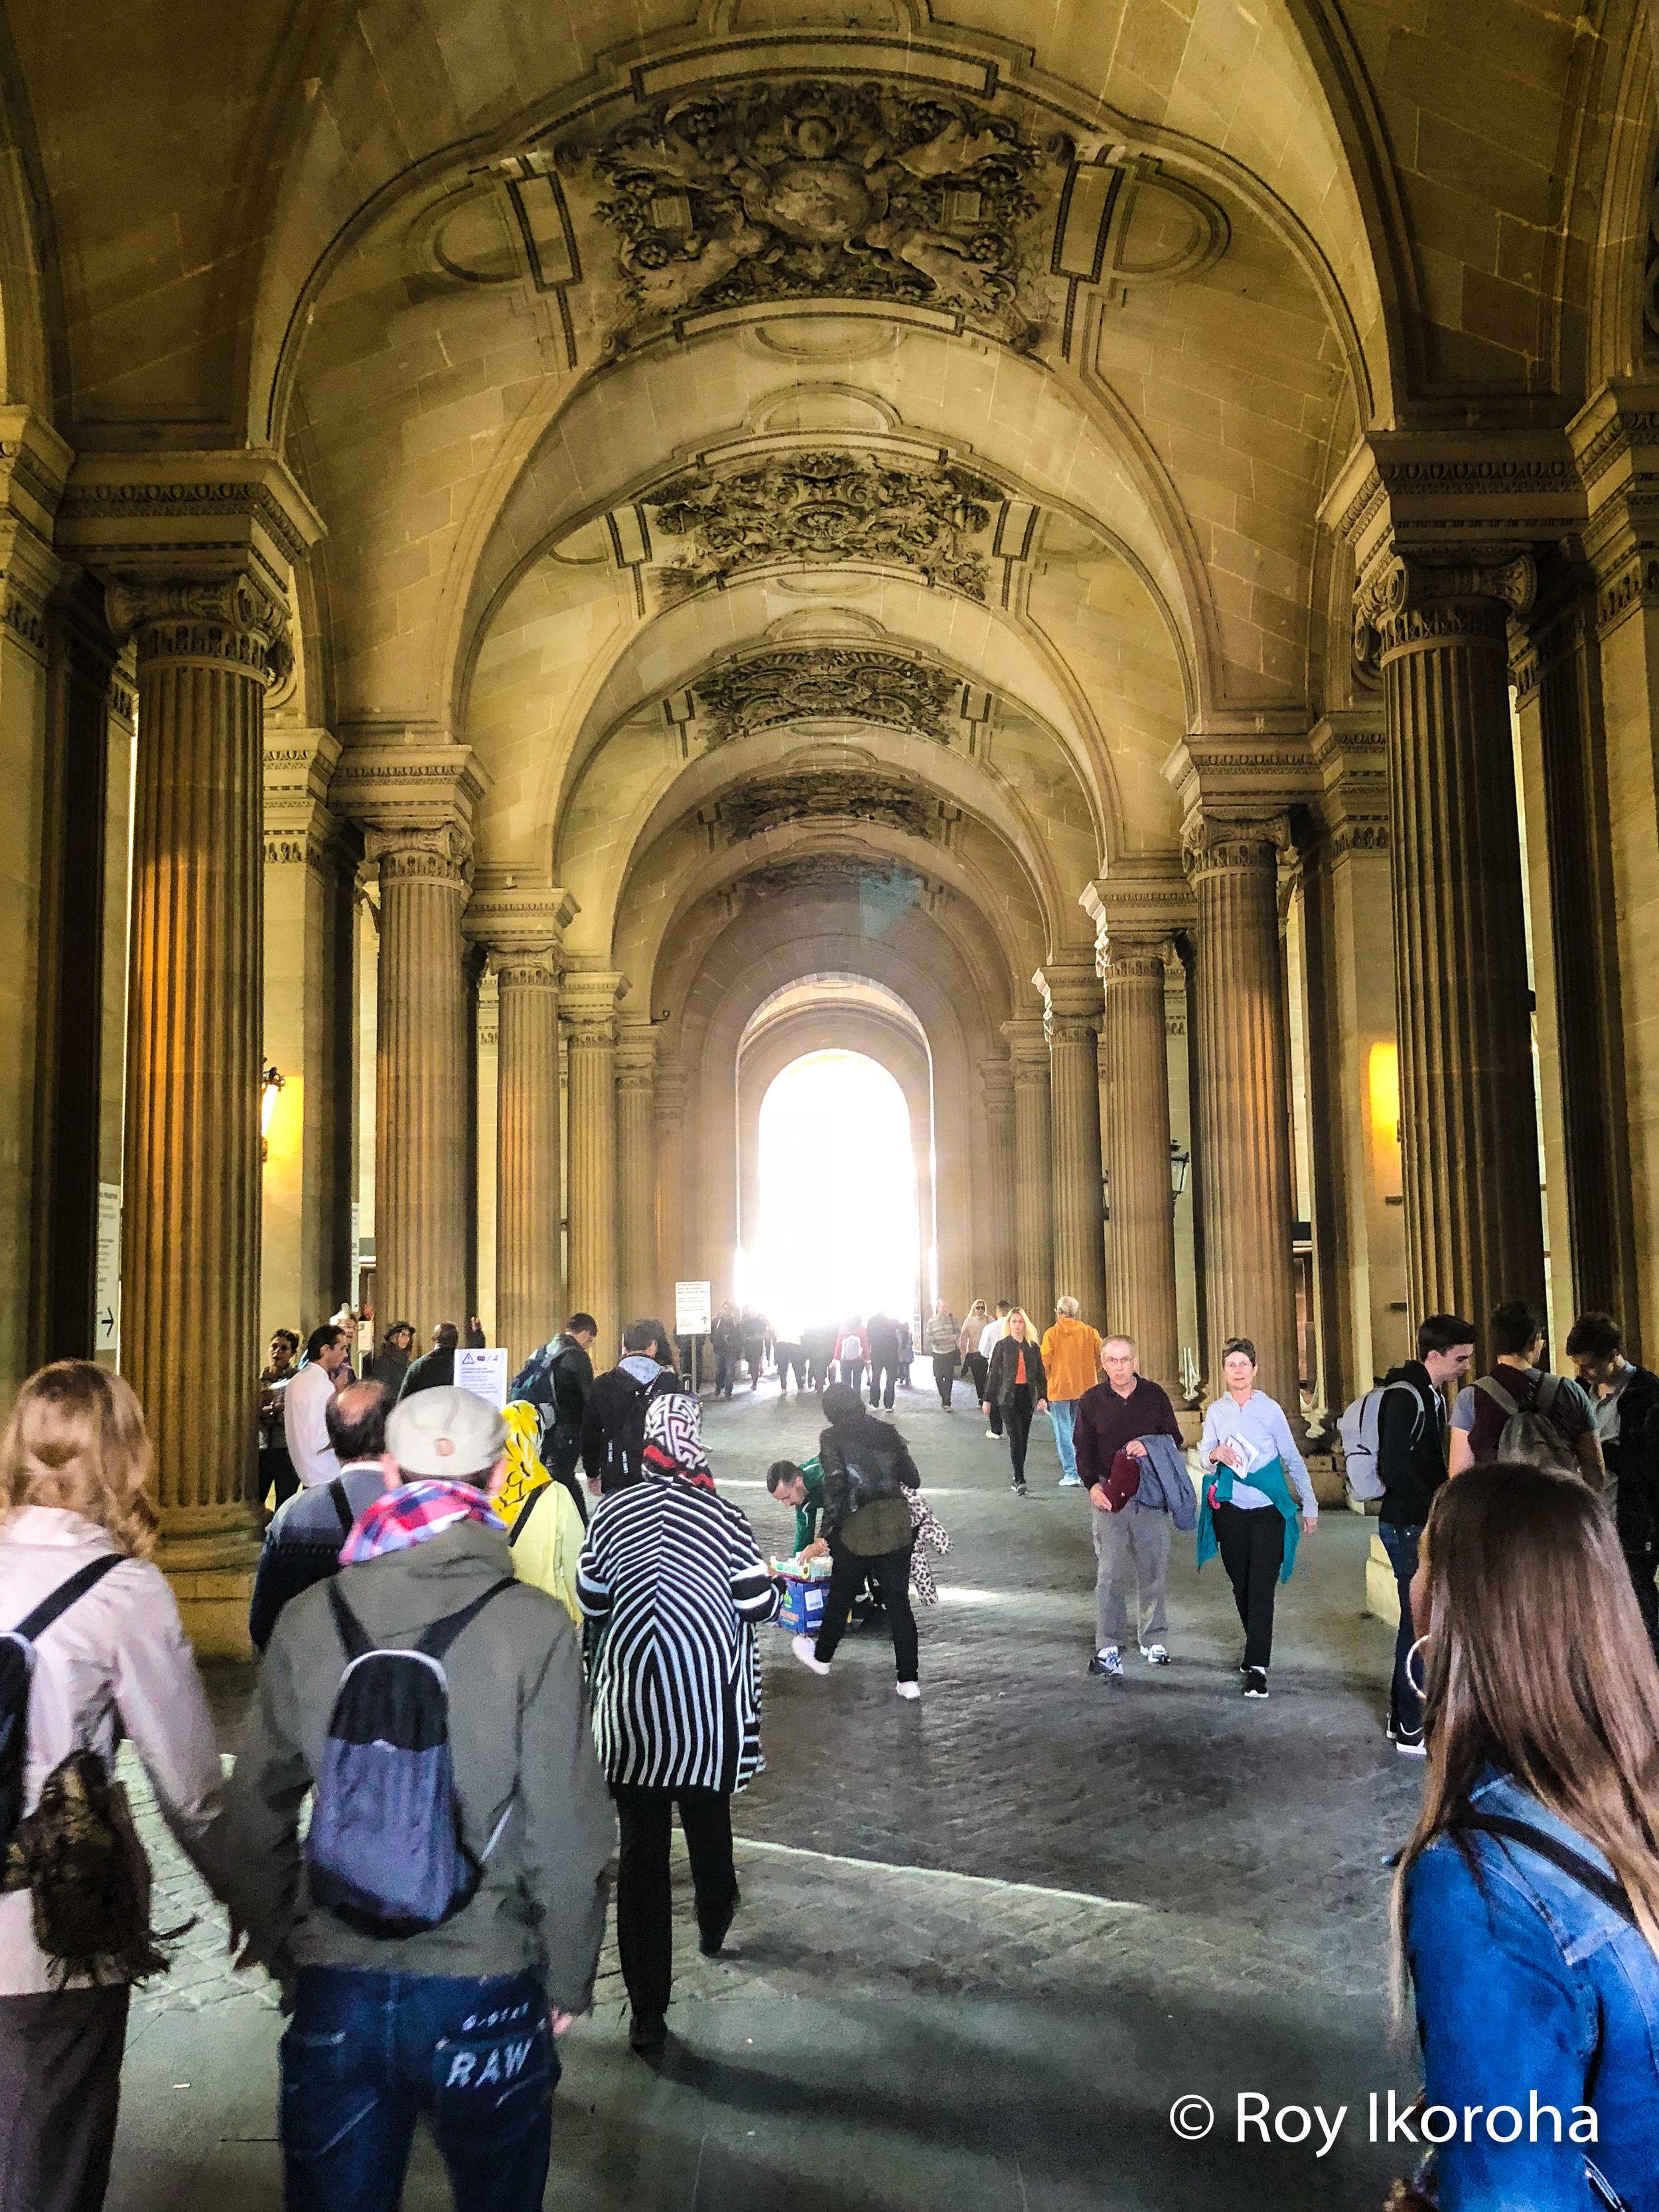 En route the Louvre, Paris